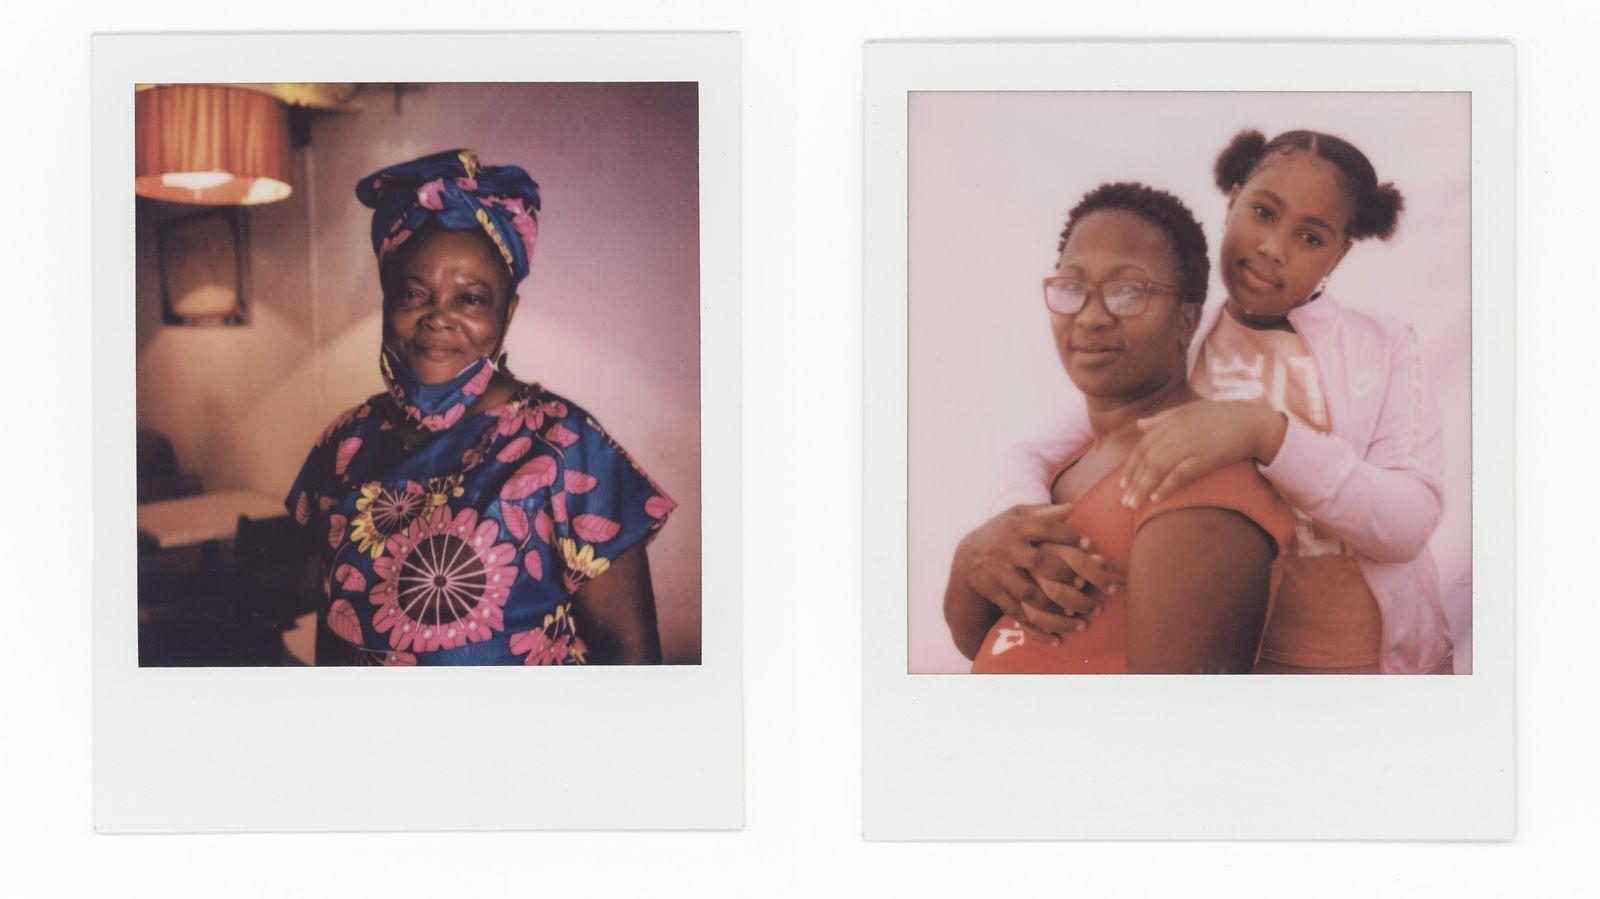 À esquerda: Adelaide Costa, 59 anos, posa para um retrato no seu café. À direita: Alda e Lurdes Pontes, ...